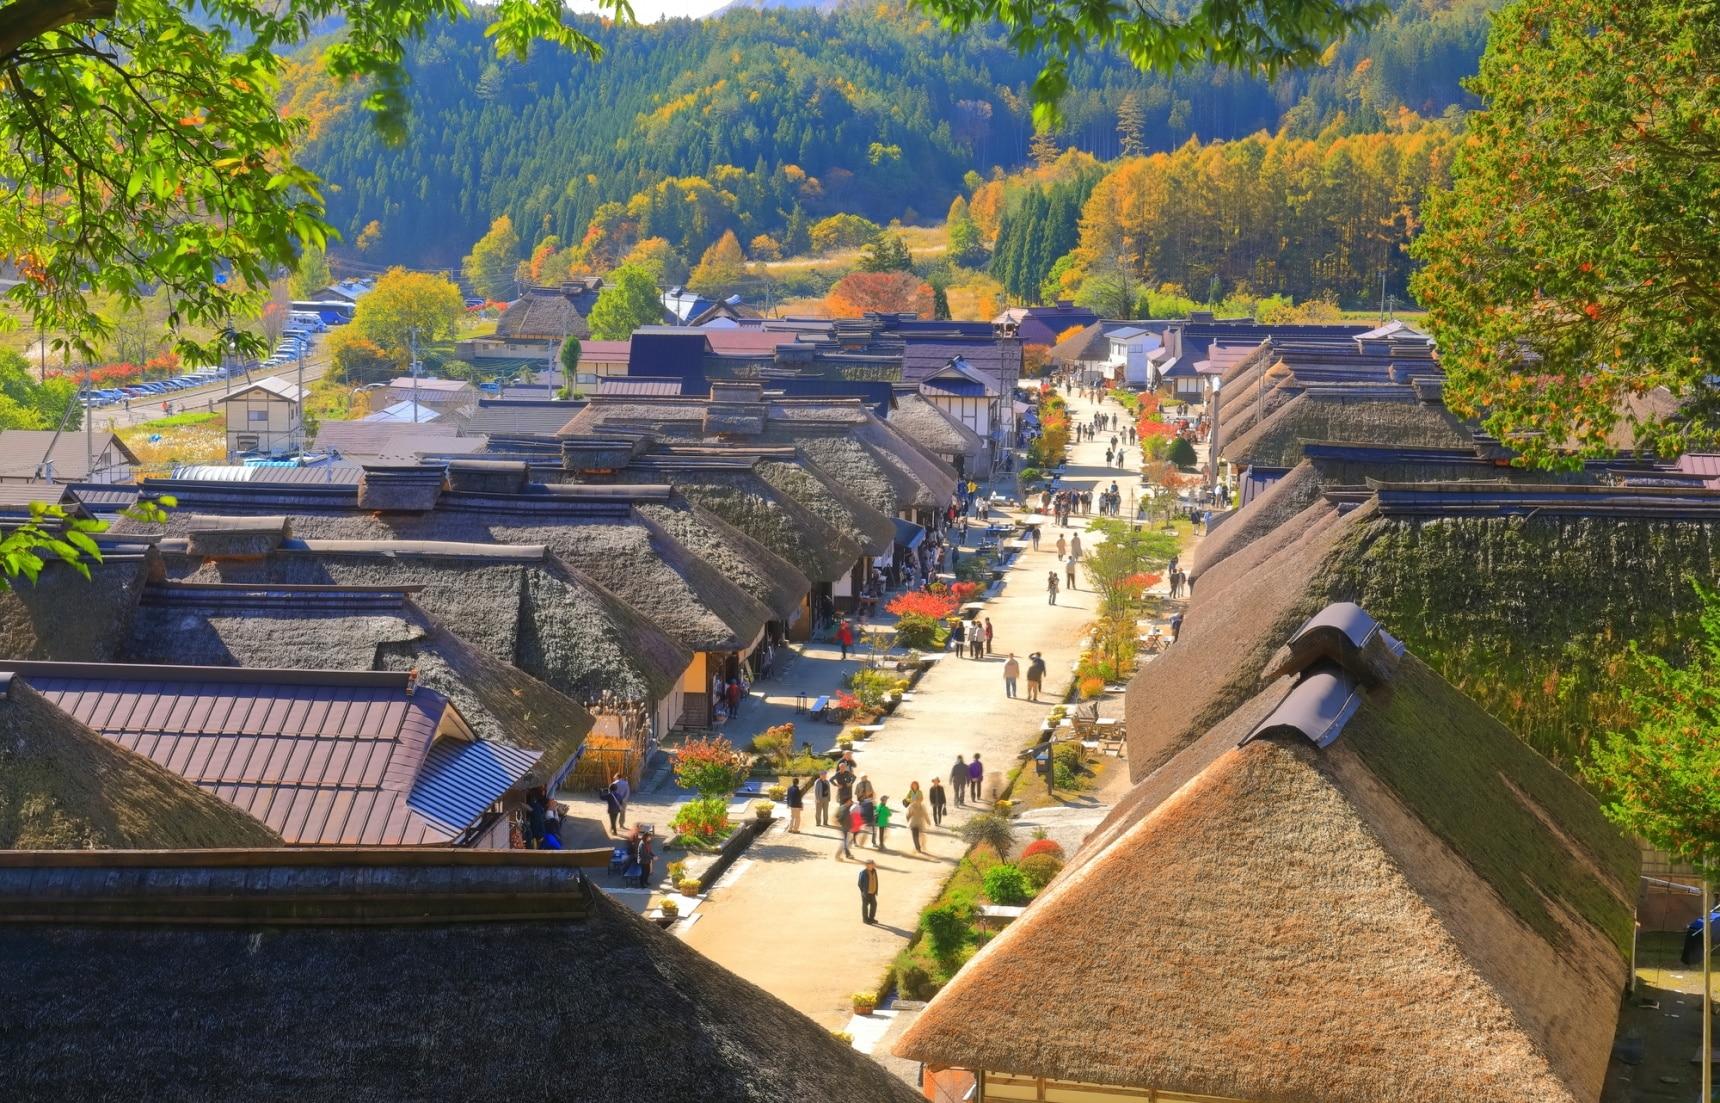 ไปญี่ปุ่น 4 วันชมแดนขุมทรัพย์อันลึกลับ โทโฮคุ